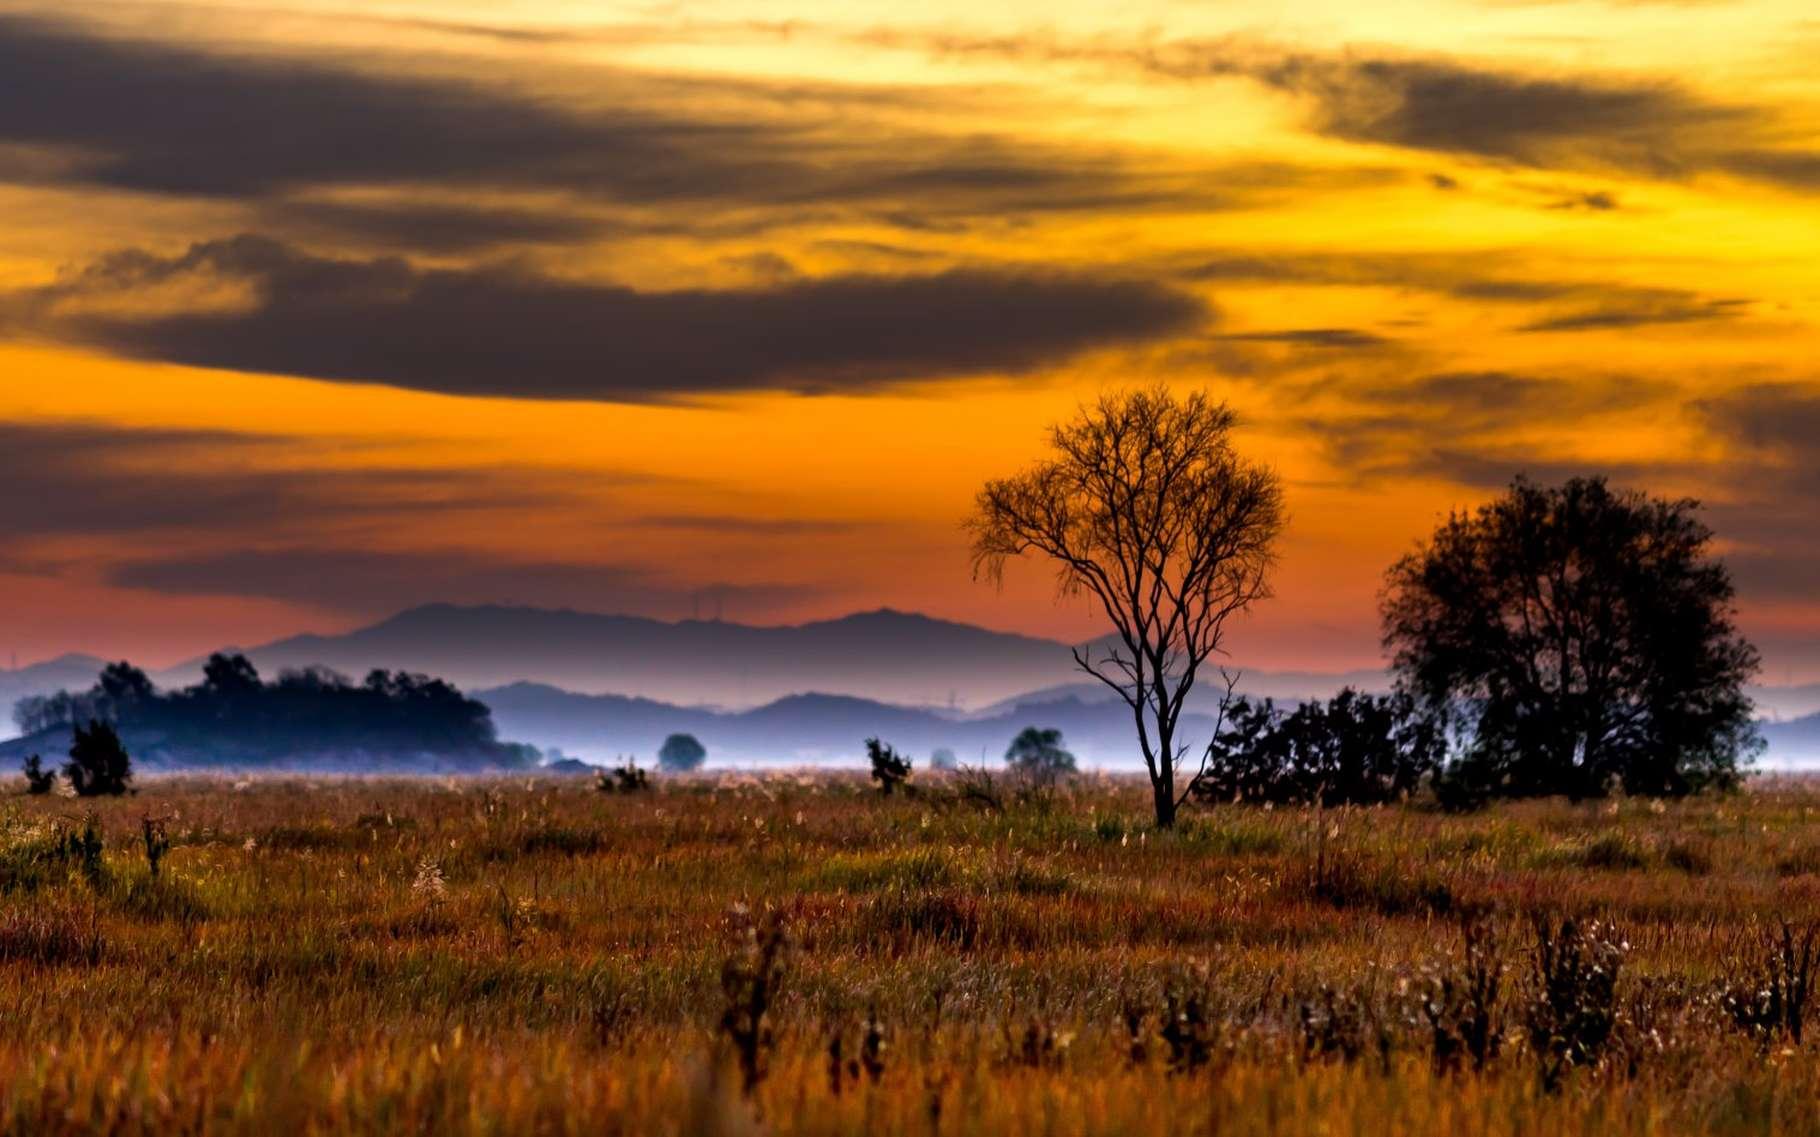 Les écosystèmes réagissent de manière complexe au climat et à ses variations. Pour mieux le comprendre, il faut reproduire différents types de milieux, à petite échelle, dans un laboratoire. Il devient alors possible de prédire l'évolution d'un milieu réel, comme une prairie. © hak seob kim , Shutterstock